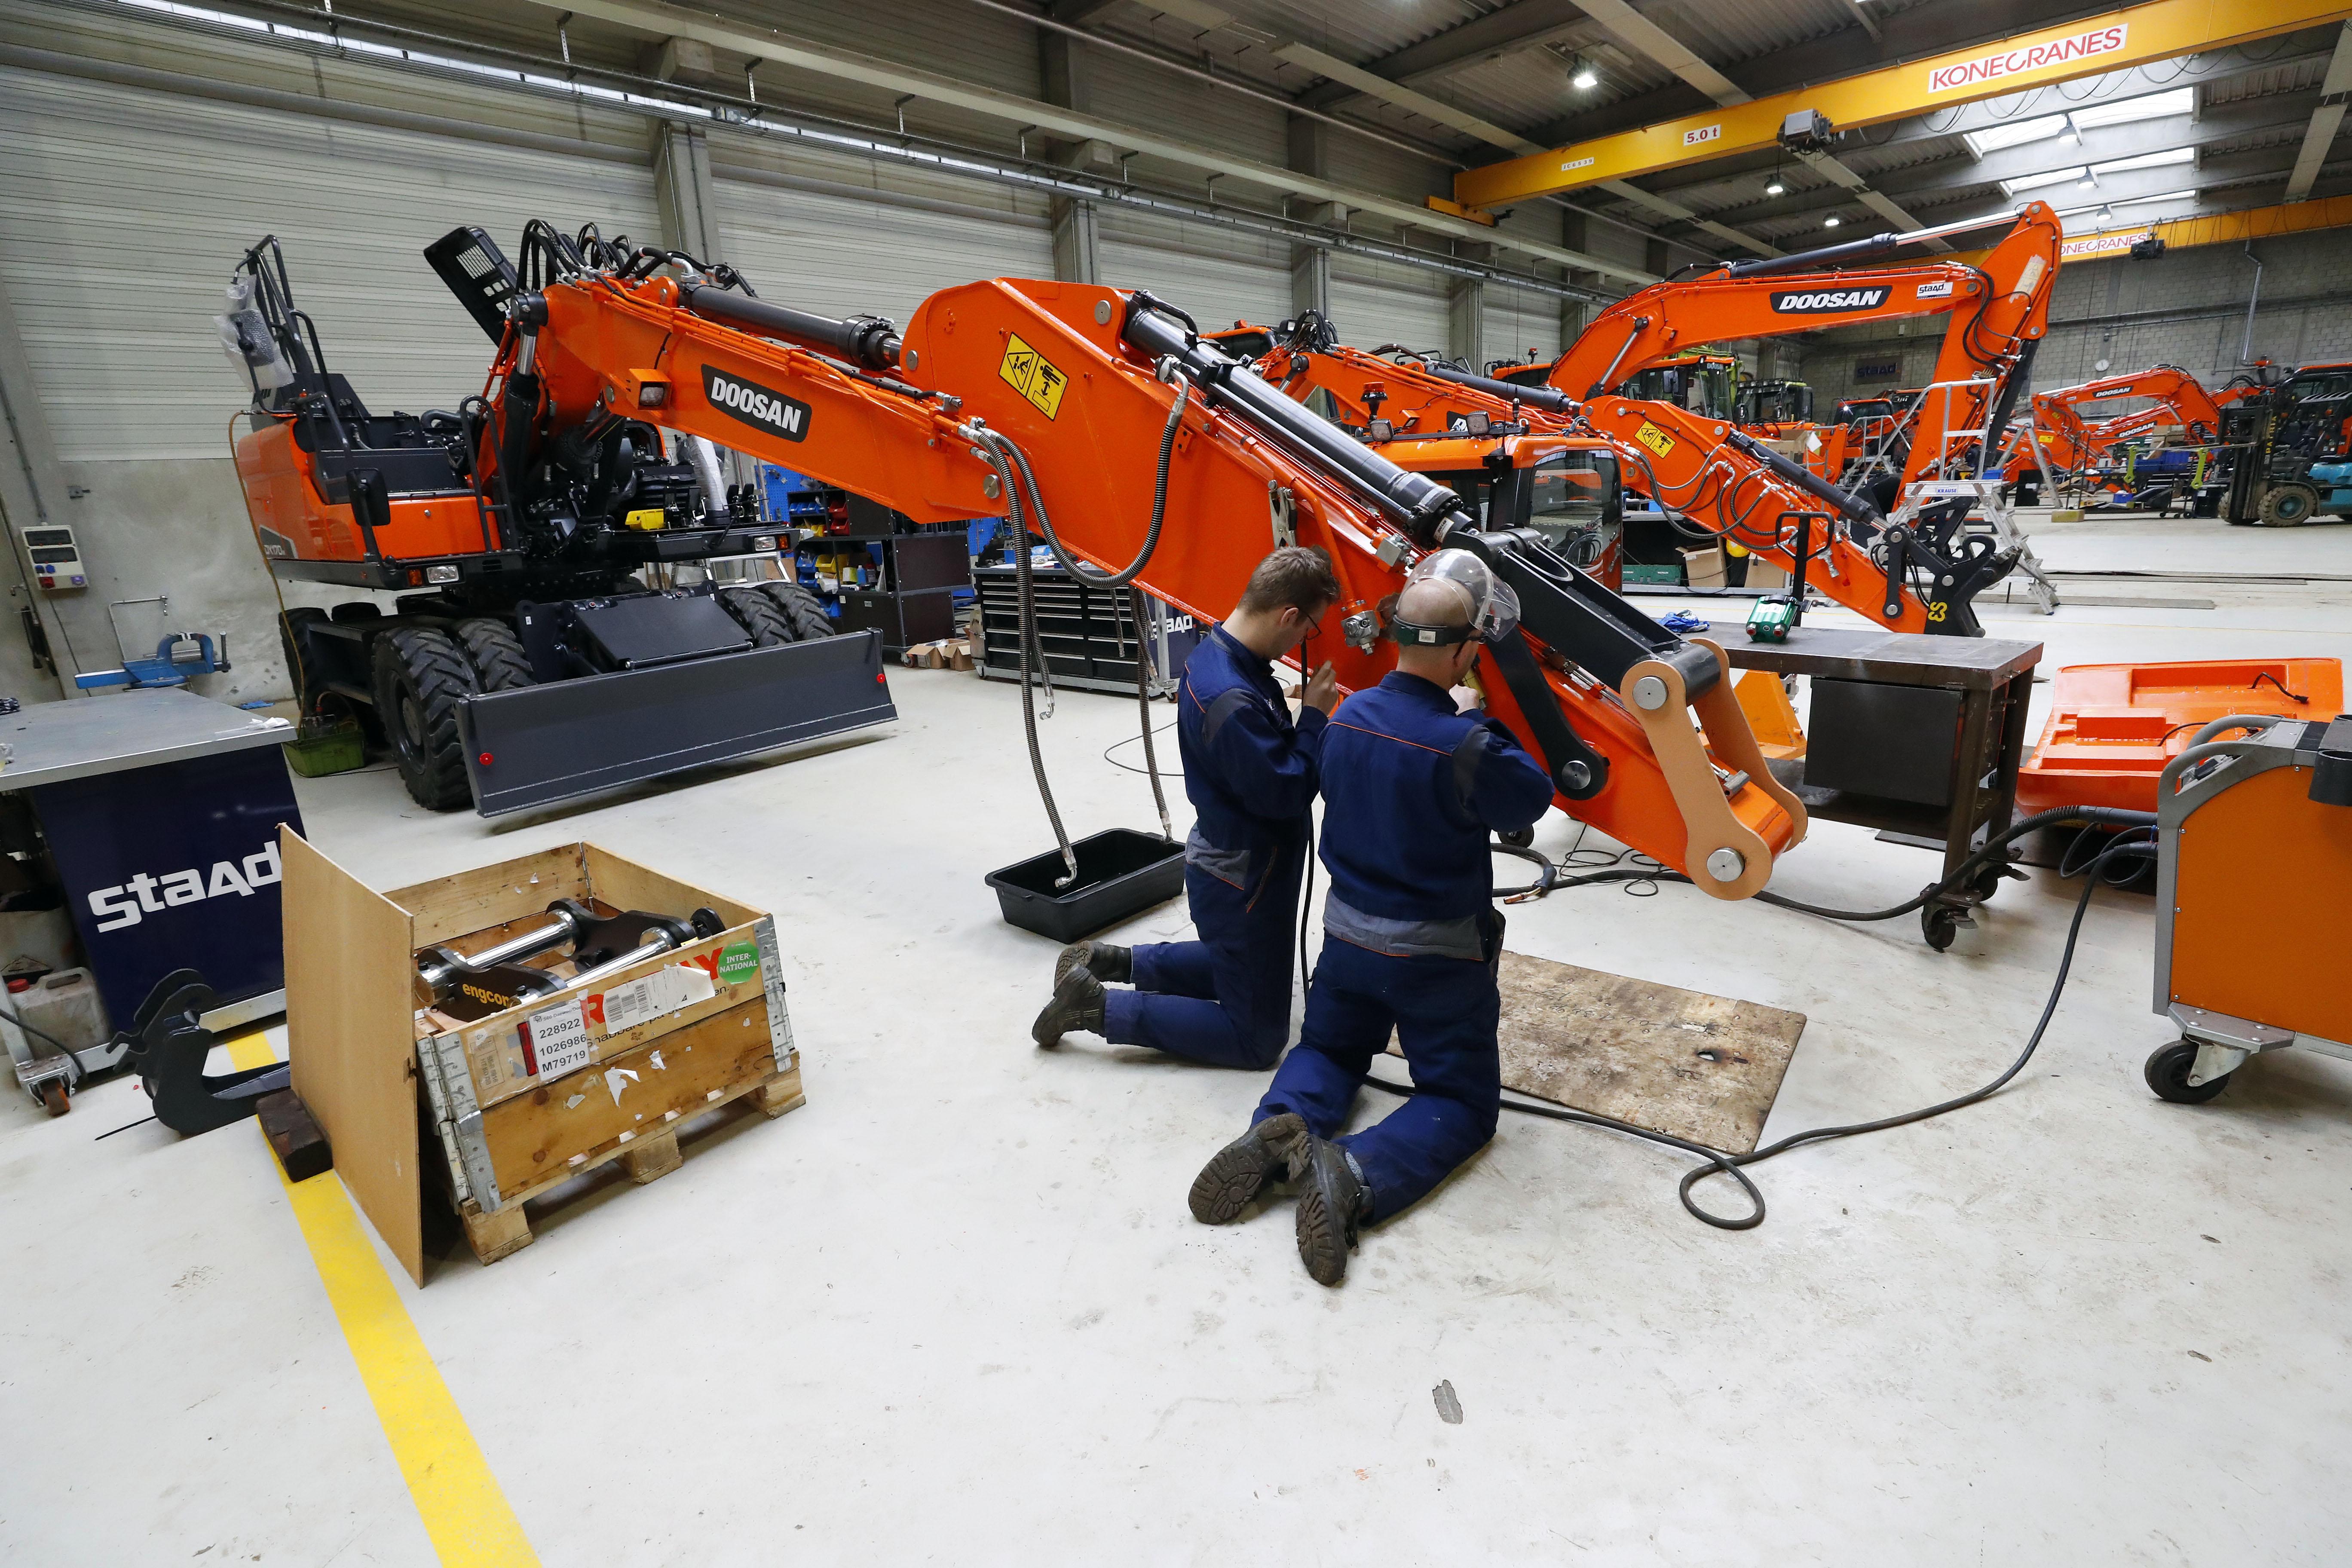 <p>In de werkplaats van Staad in Veghel worden machines klaargemaakt voor levering. Het opbouwen van een mobiele machine duurt een week. Voorheen was dit drie weken.</p>